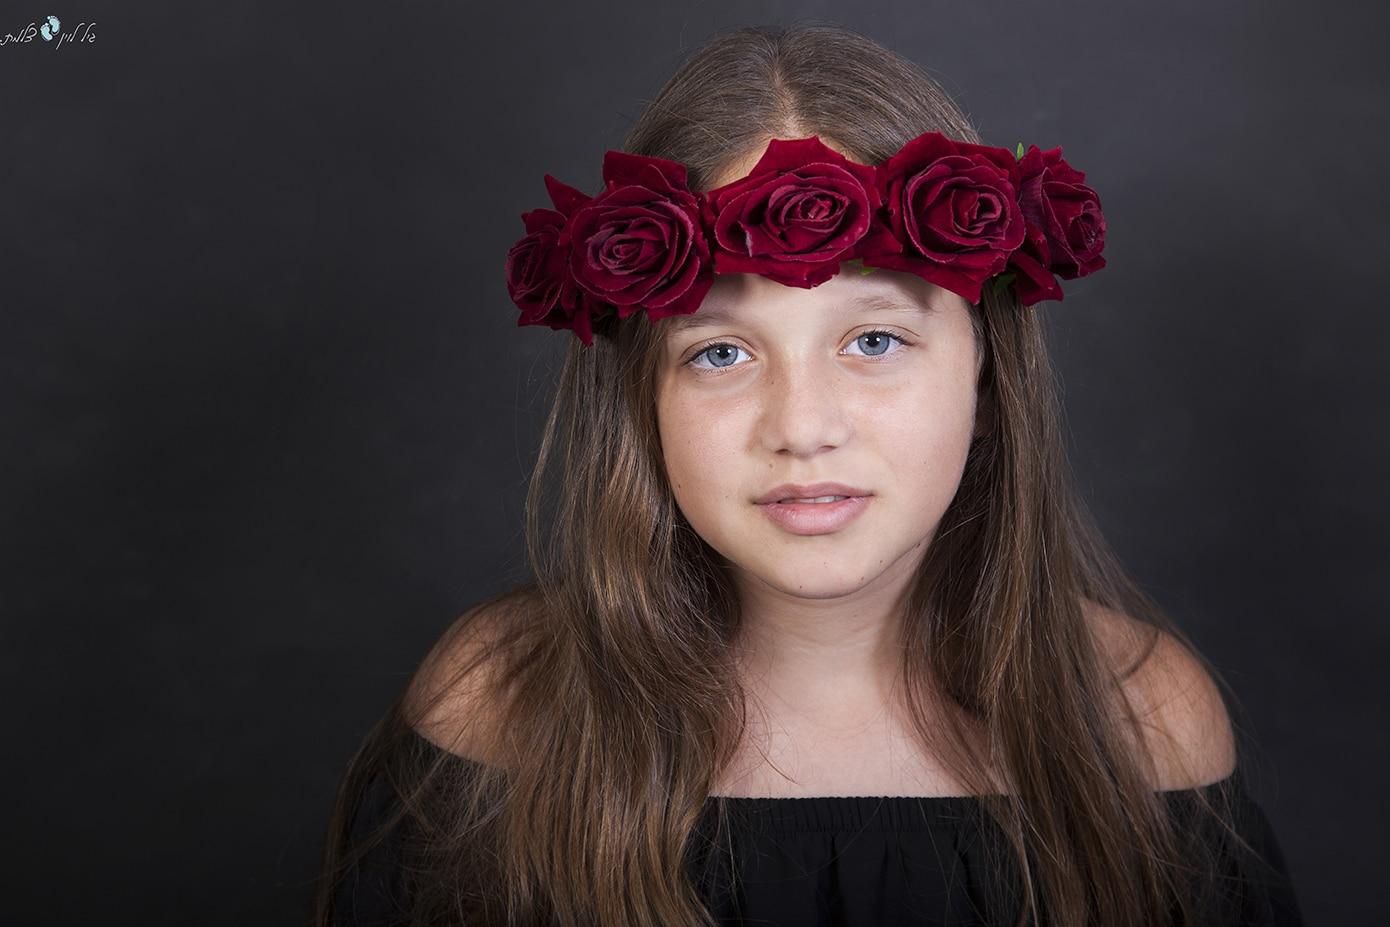 בוק בת מצווה לעמית - סטודיו גיל לוין (11)